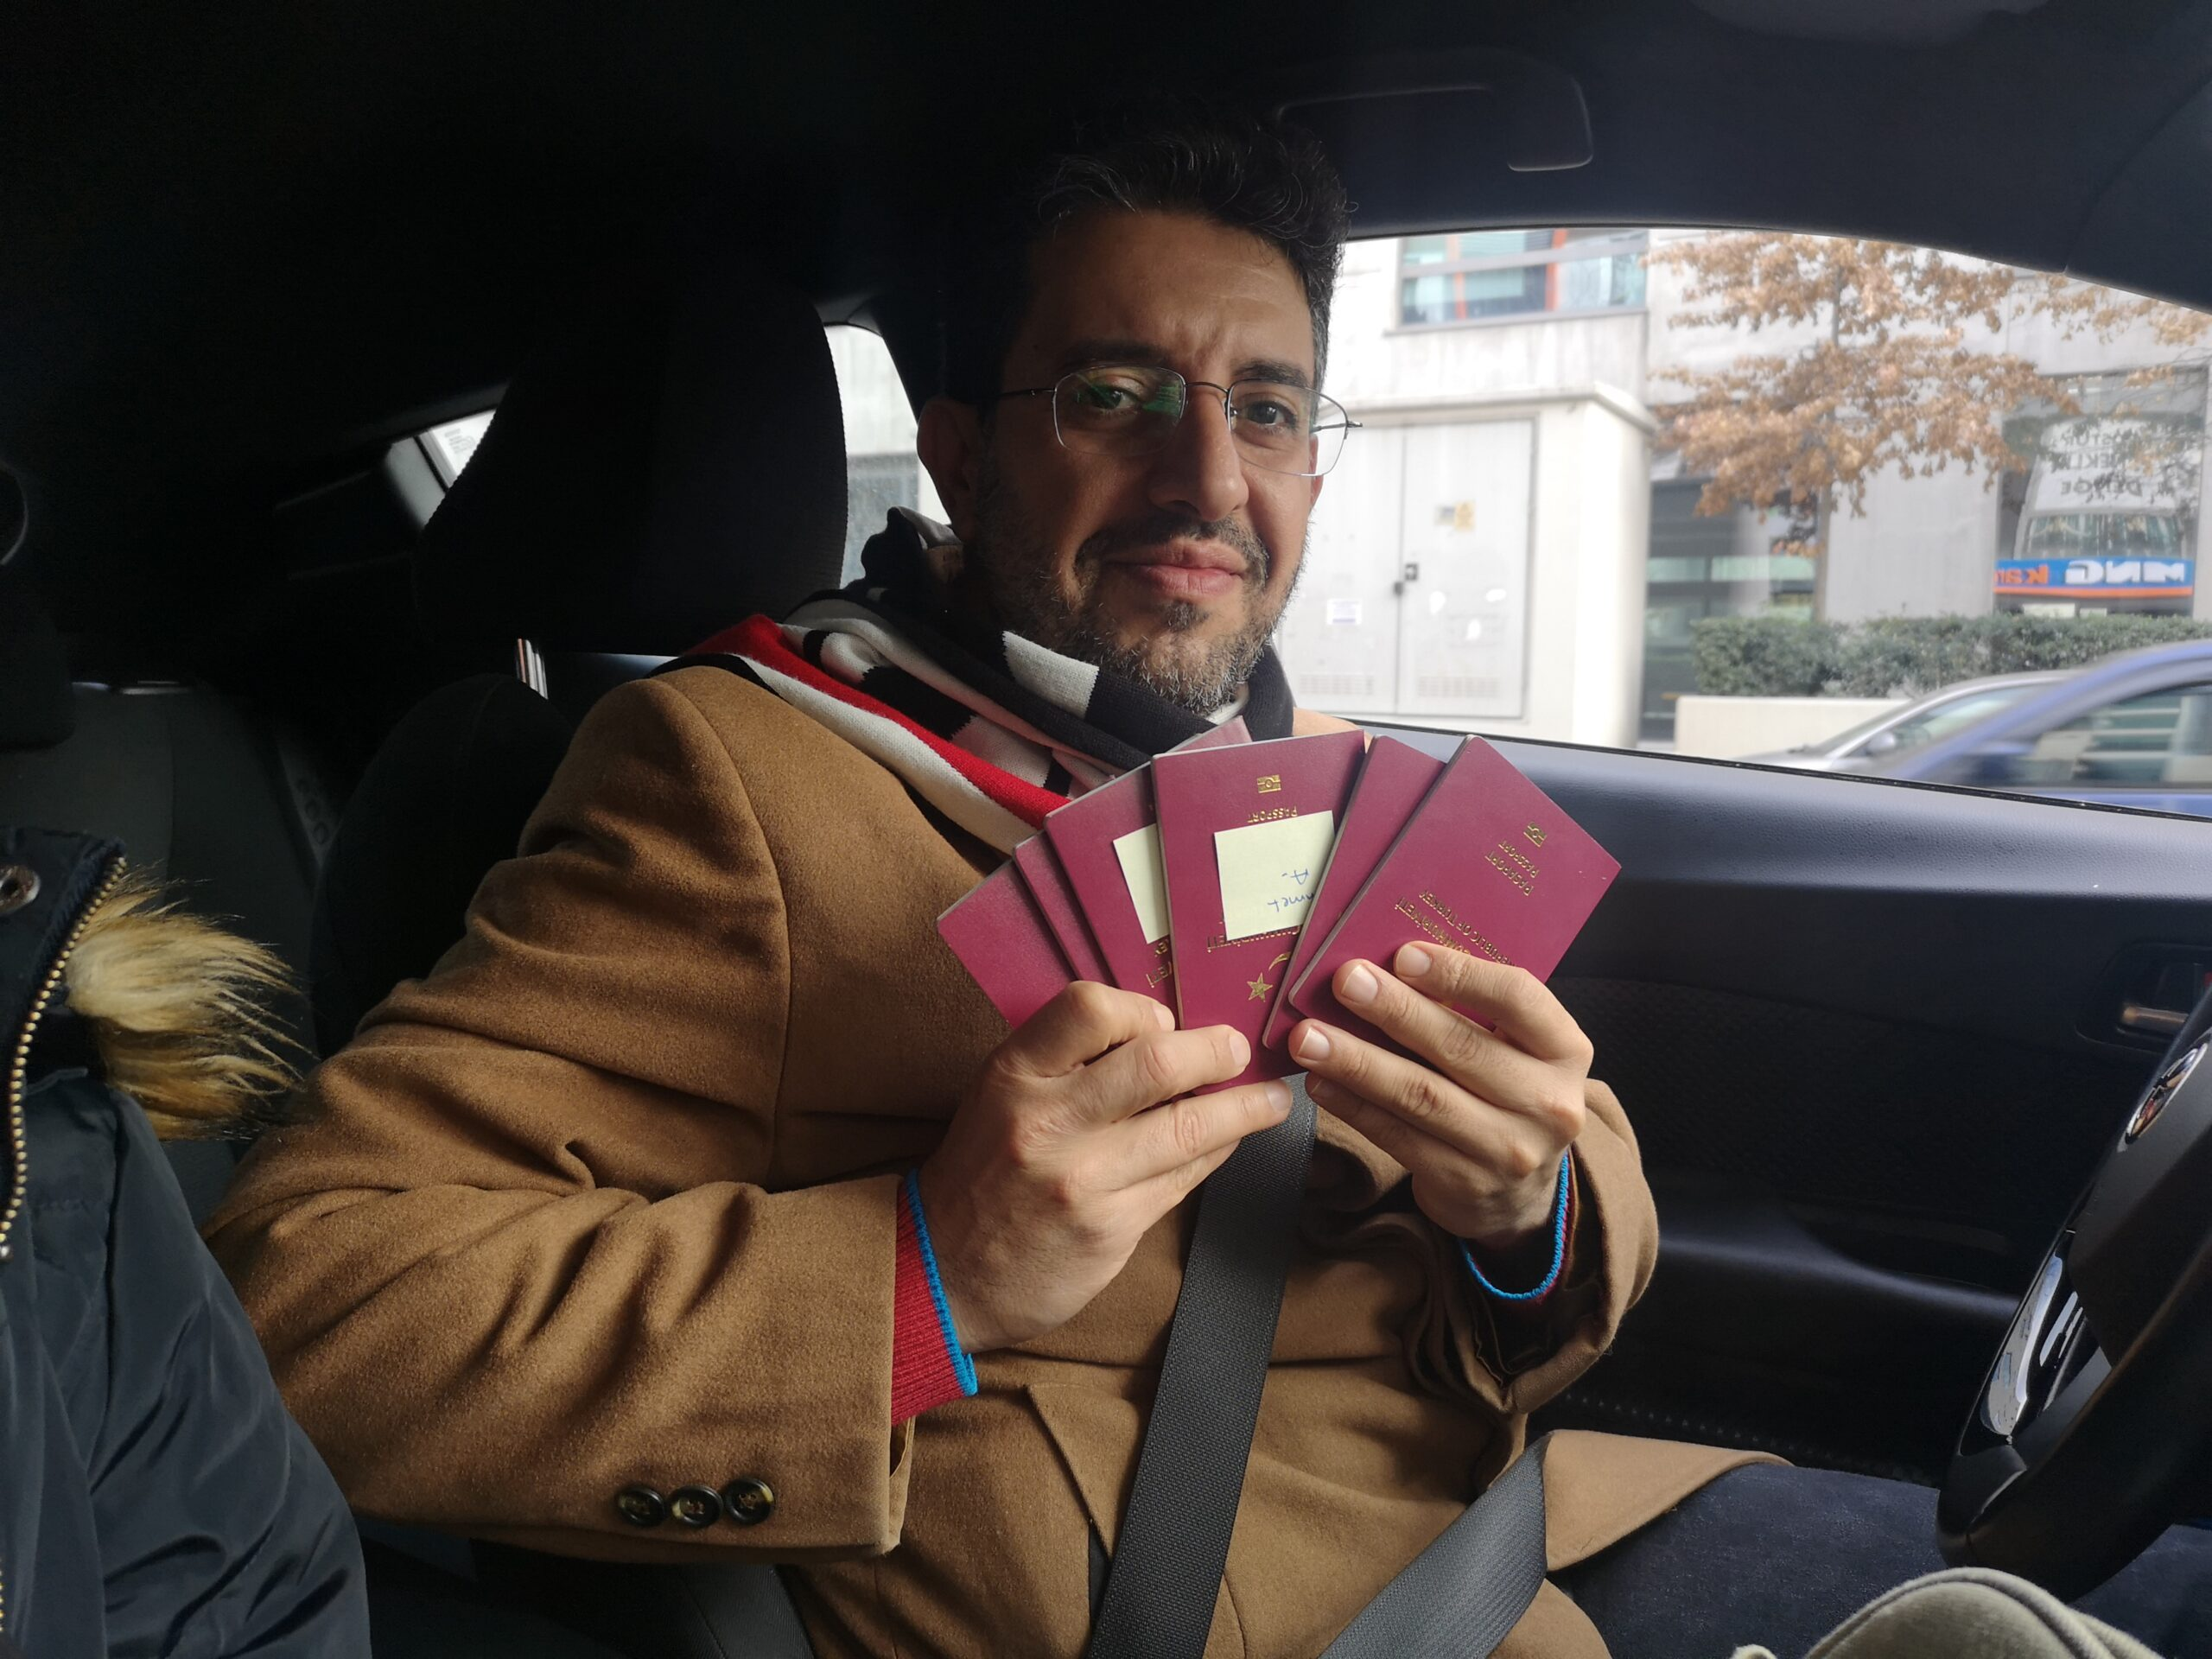 خدمات شركة بوابة اسطنبول للحصول على الجنسية التركية